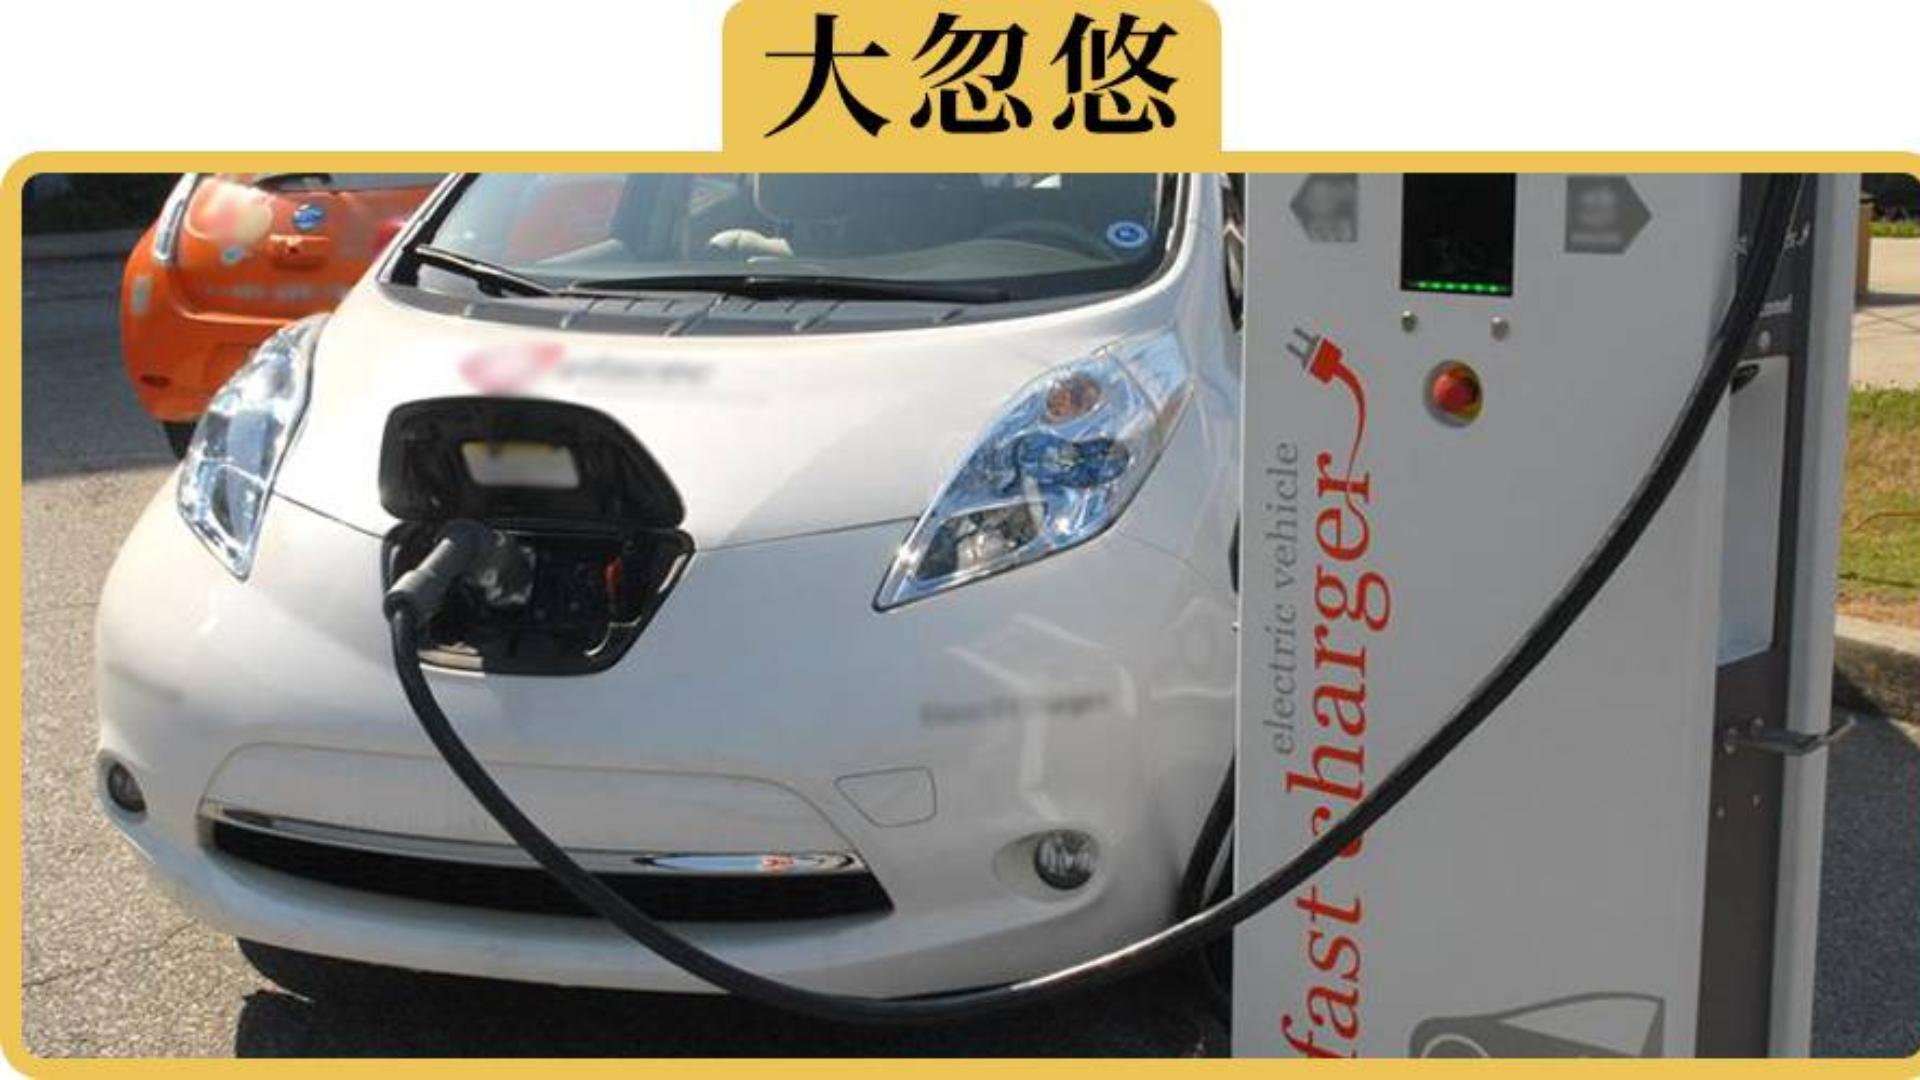 每公里成本只要1毛钱,新能源车真有这么划算吗